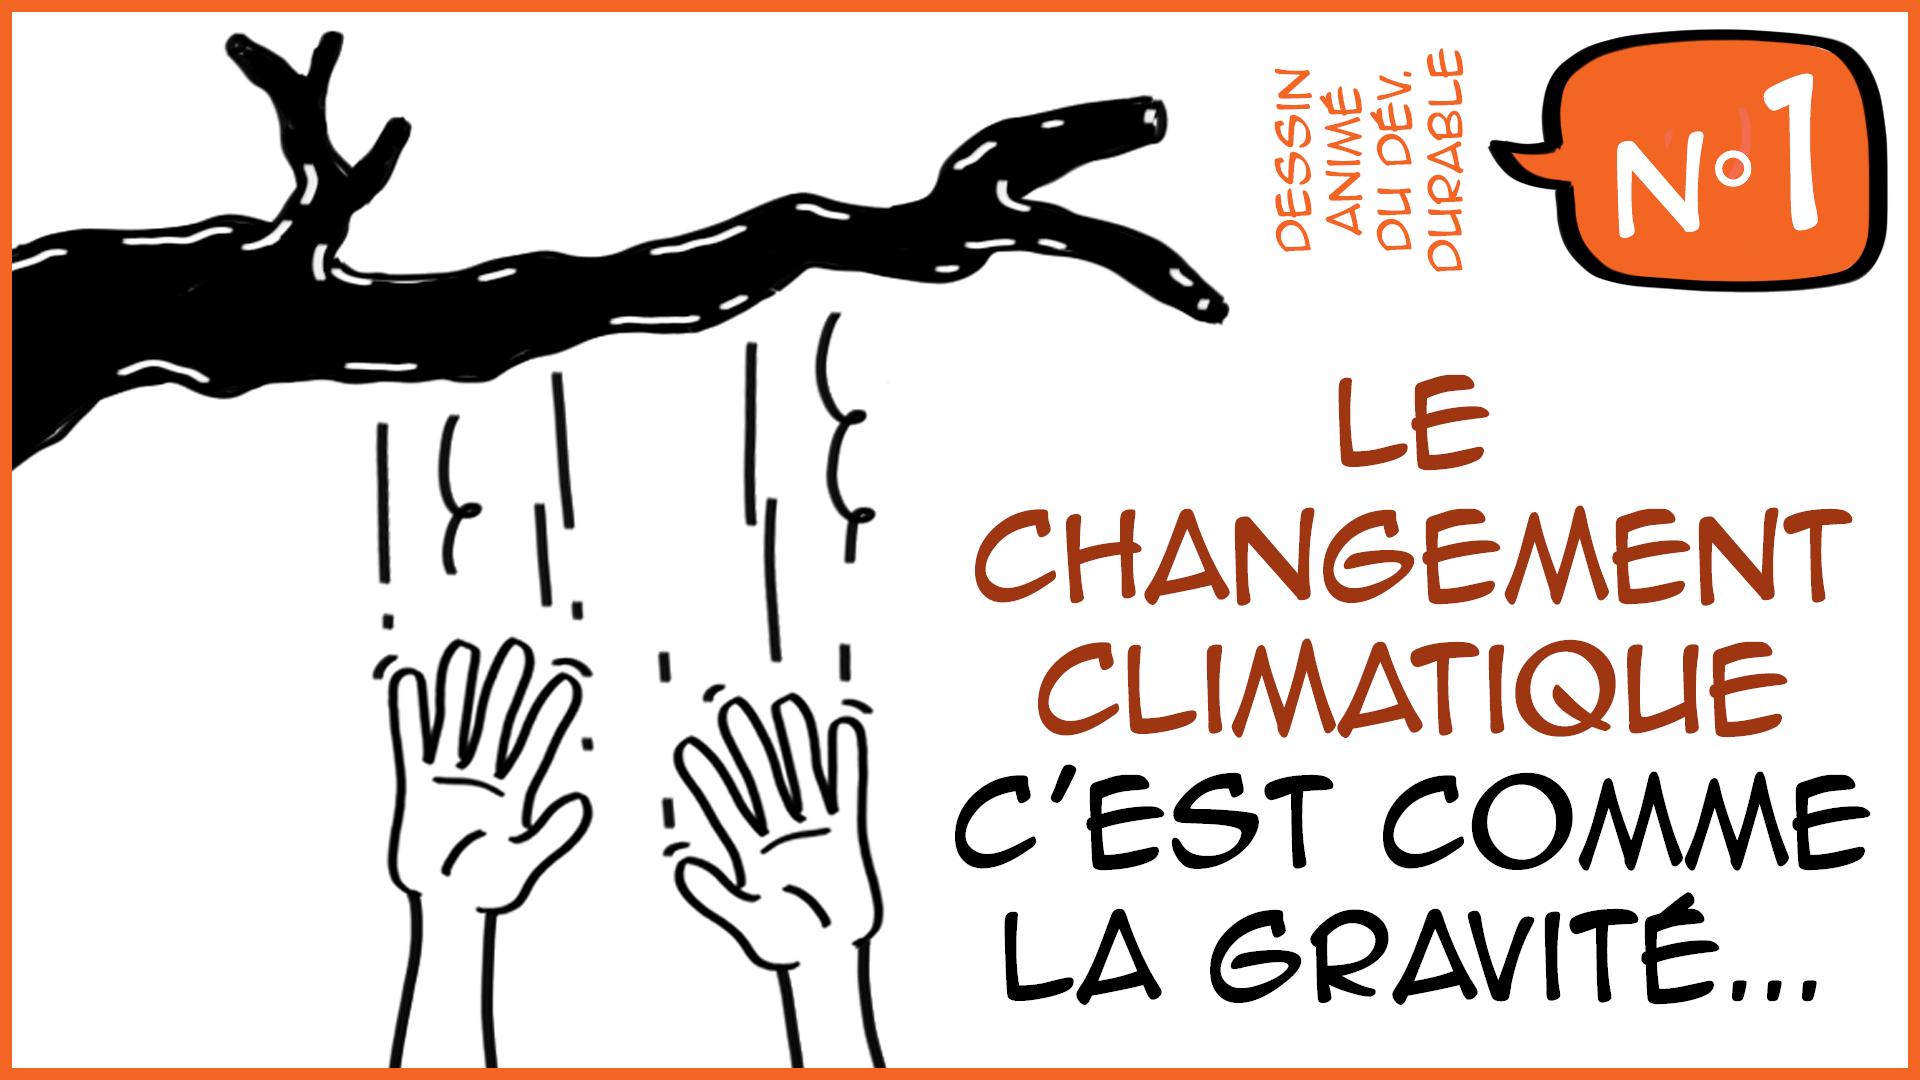 changement-climatique-gravité-dessin